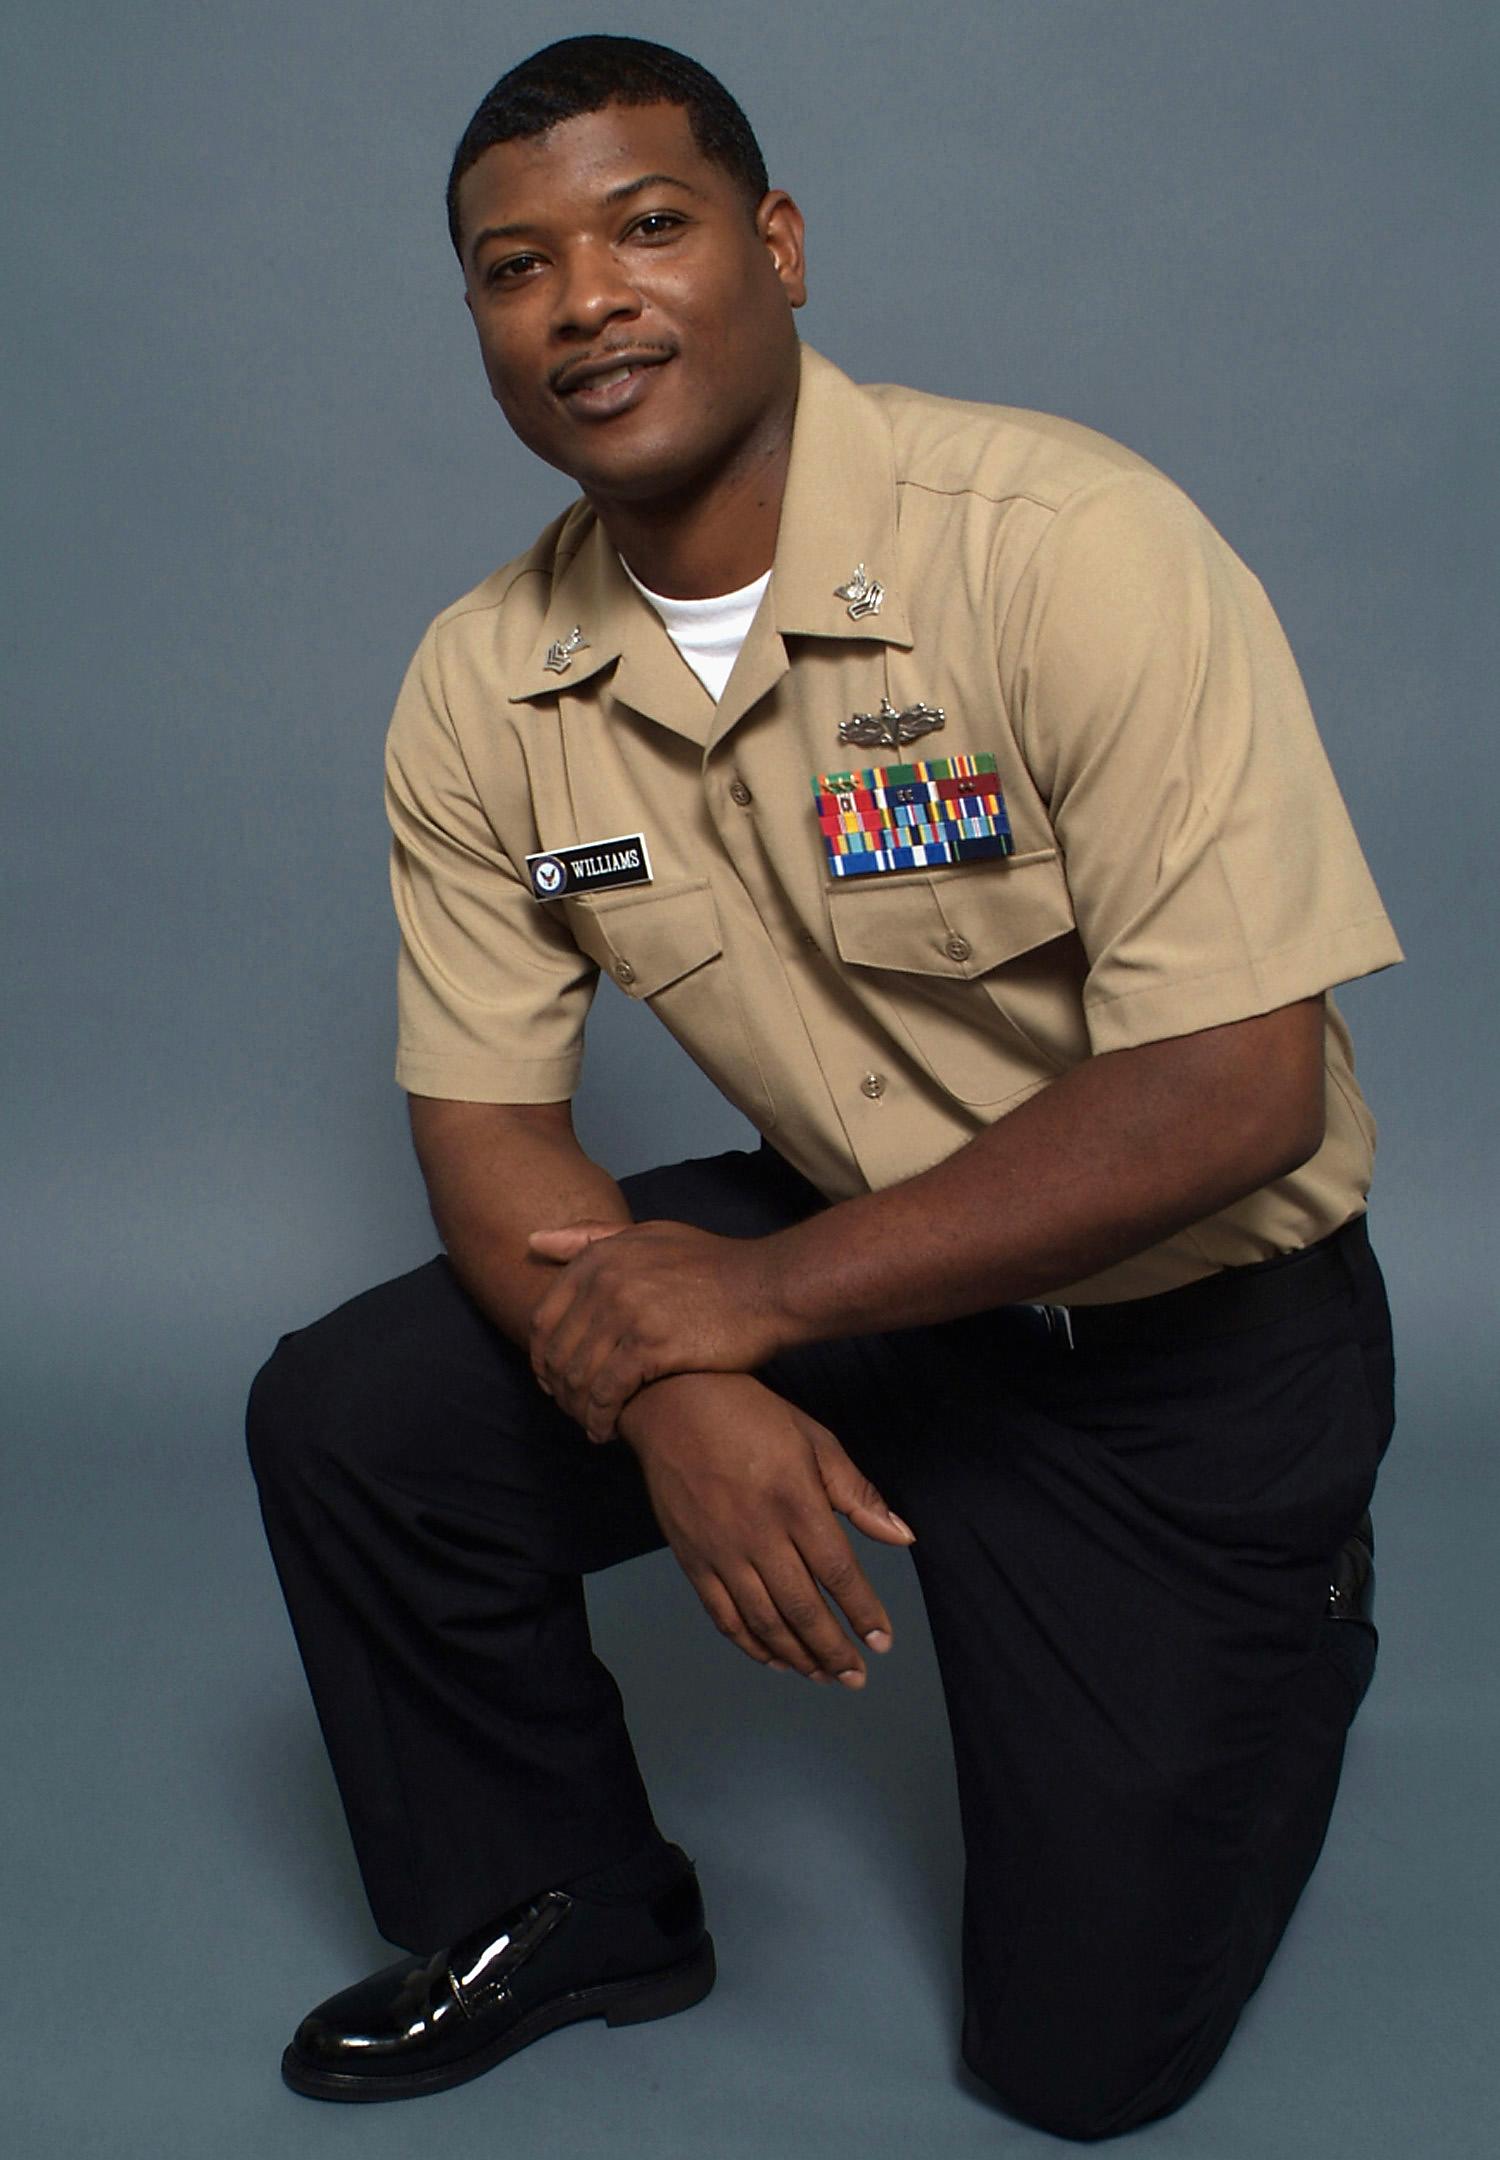 U.s navy dating site